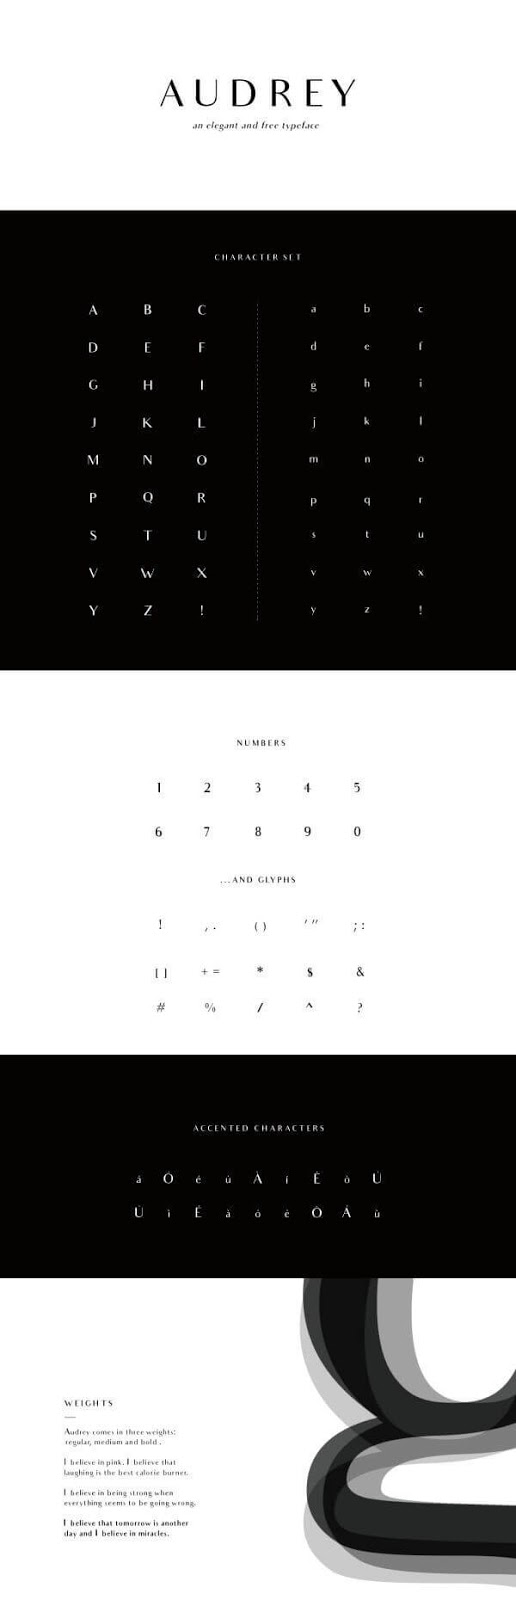 Download Gratis Sans Serif Komersial Font - Audrey Typeface